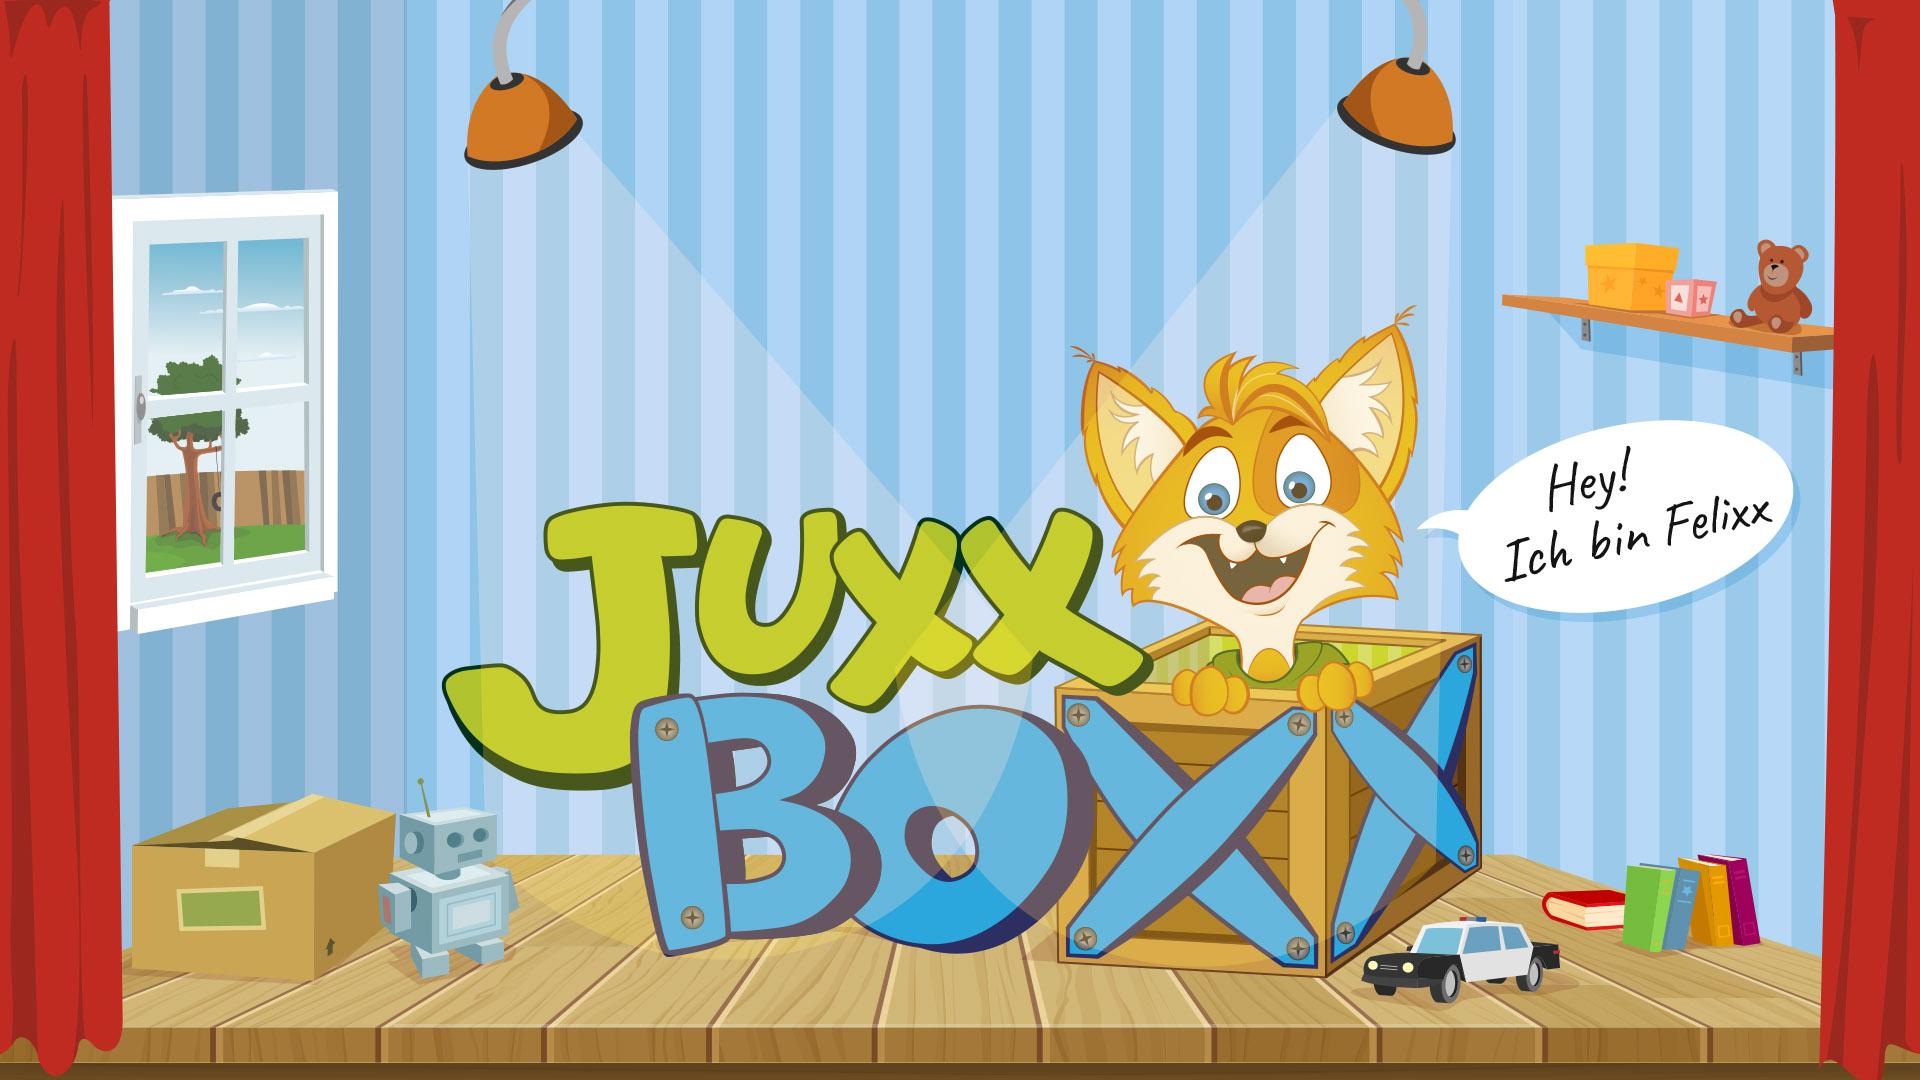 JuxxBoxx Contigo Indoortainment Shopping-Center Einkaufzentrum Dortmund Essen Koblenz Lizenz Marke Indoorspielplatz Spielewelt im Einkaufszentrum